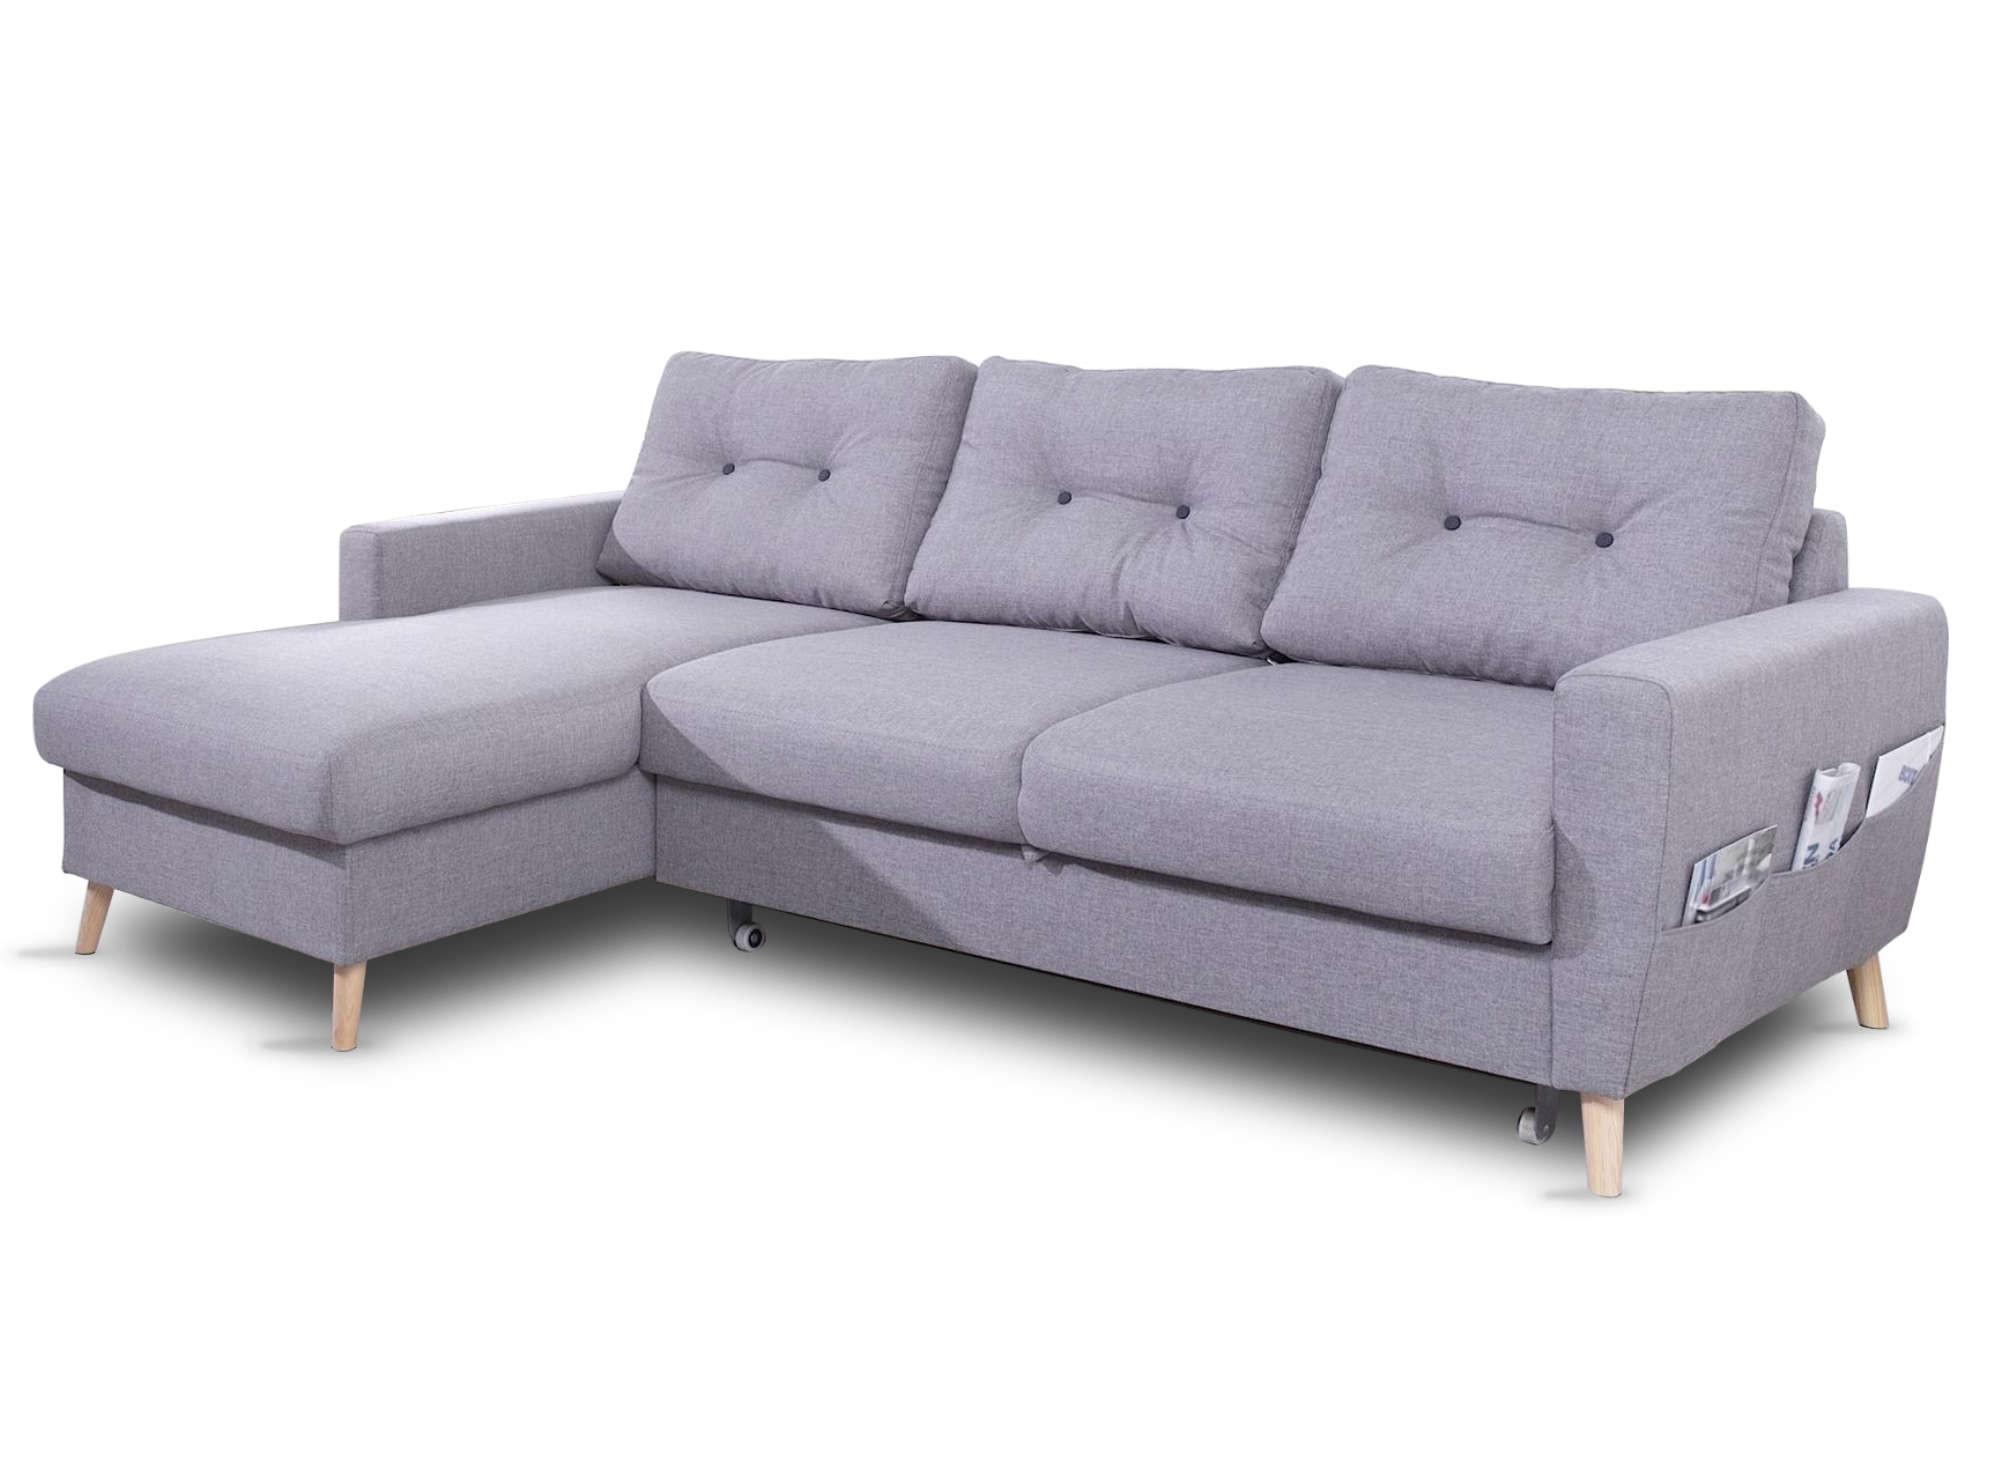 Canapé d'angle gauche convertible 4 places Tissu Gris clair